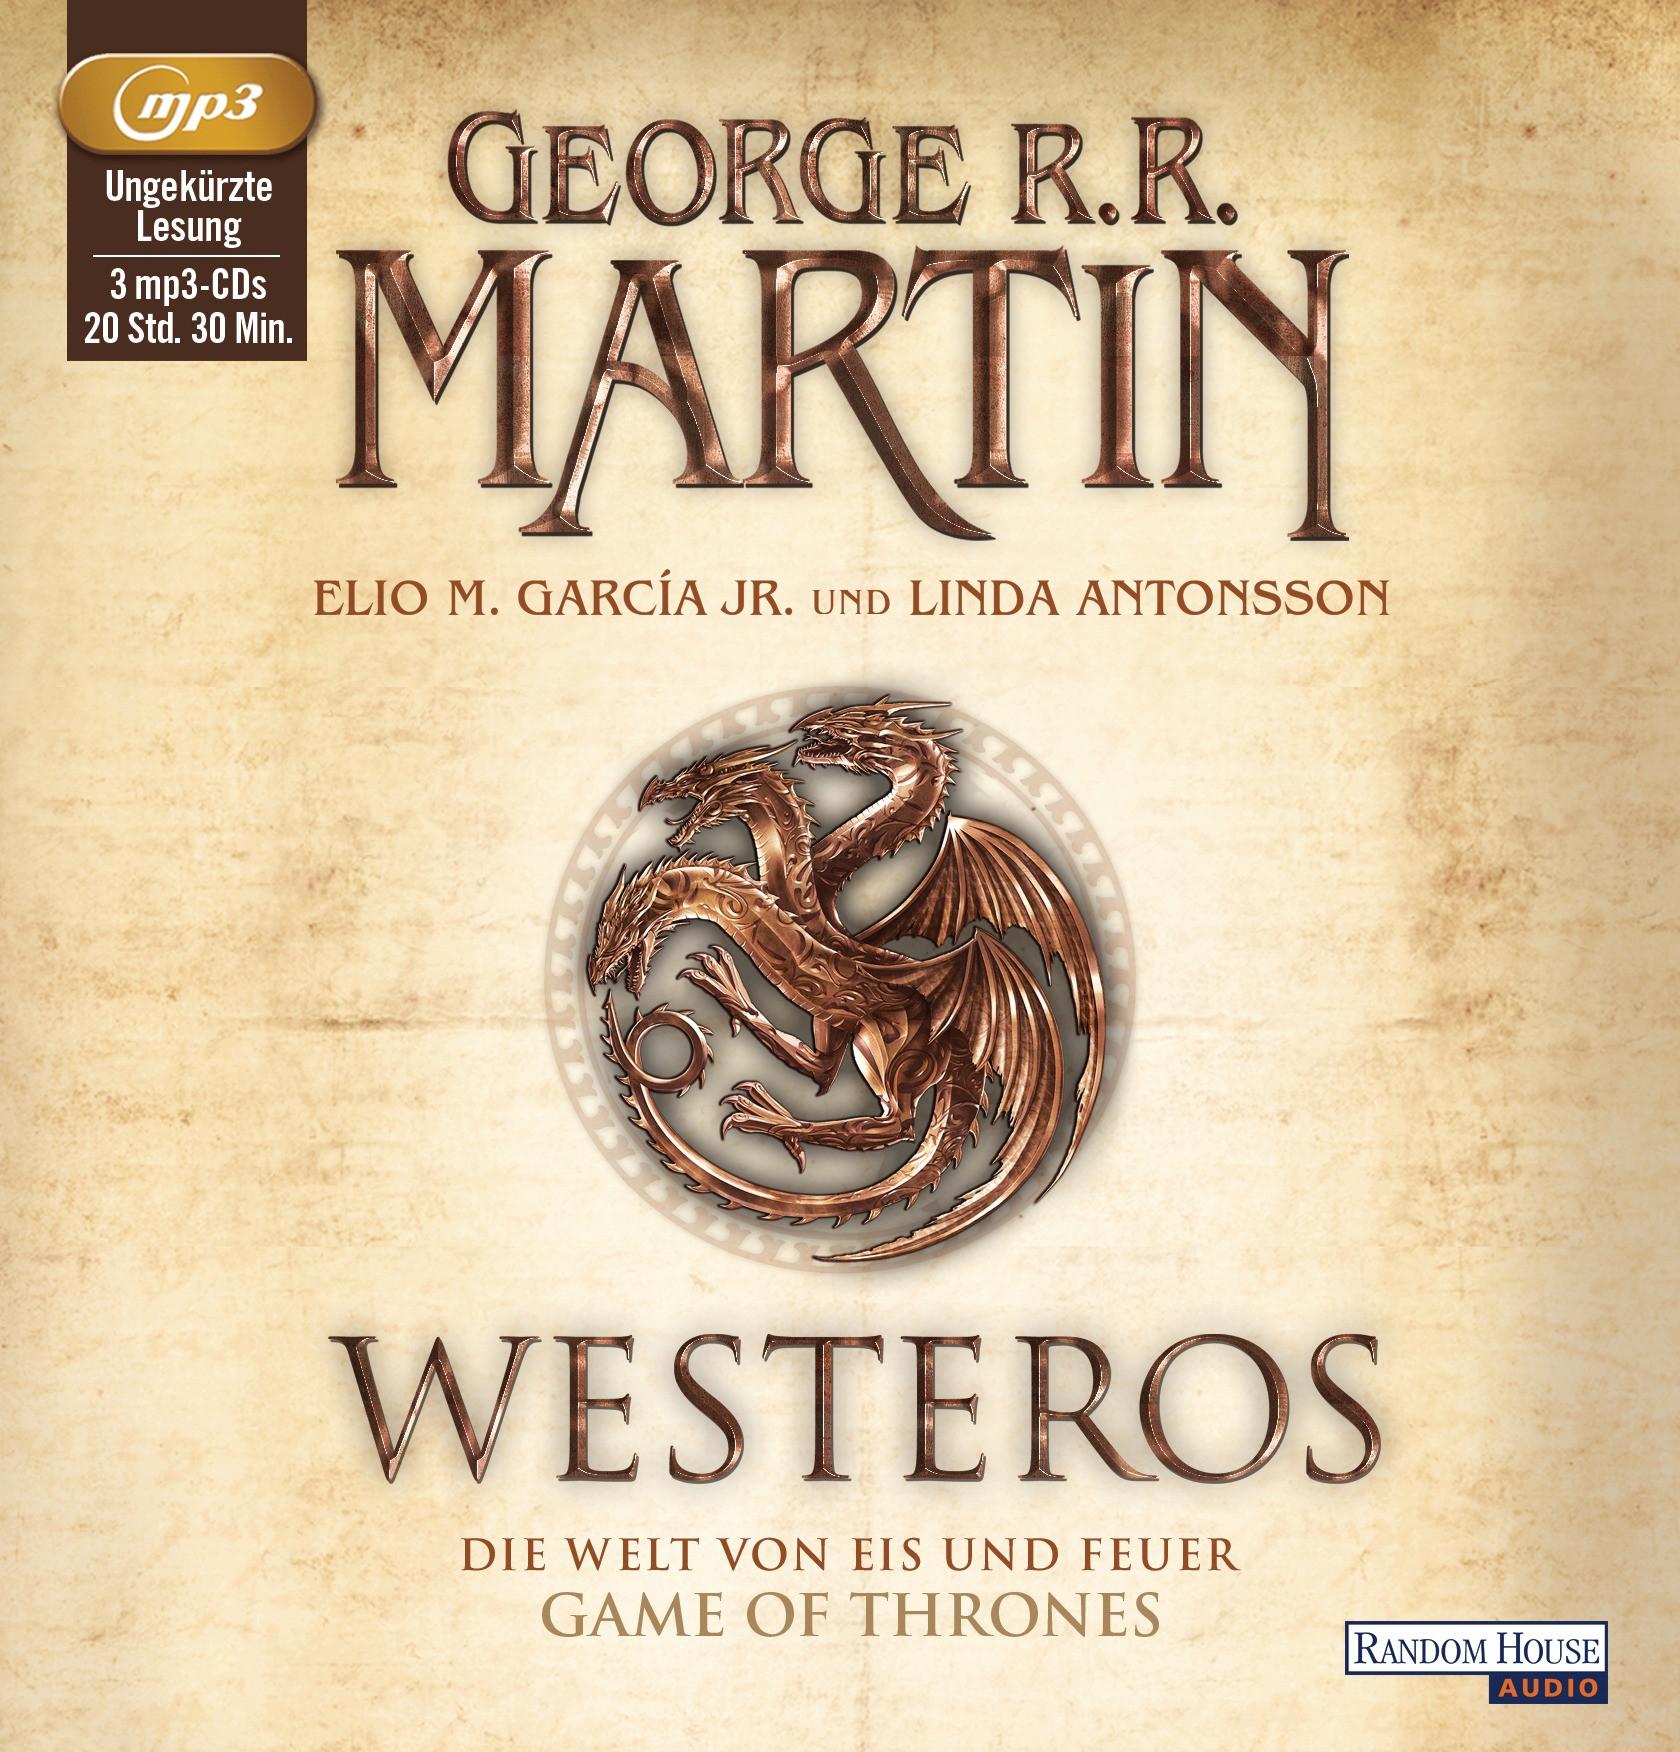 George R.R. Martin - Westeros - Die Welt von Eis und Feuer